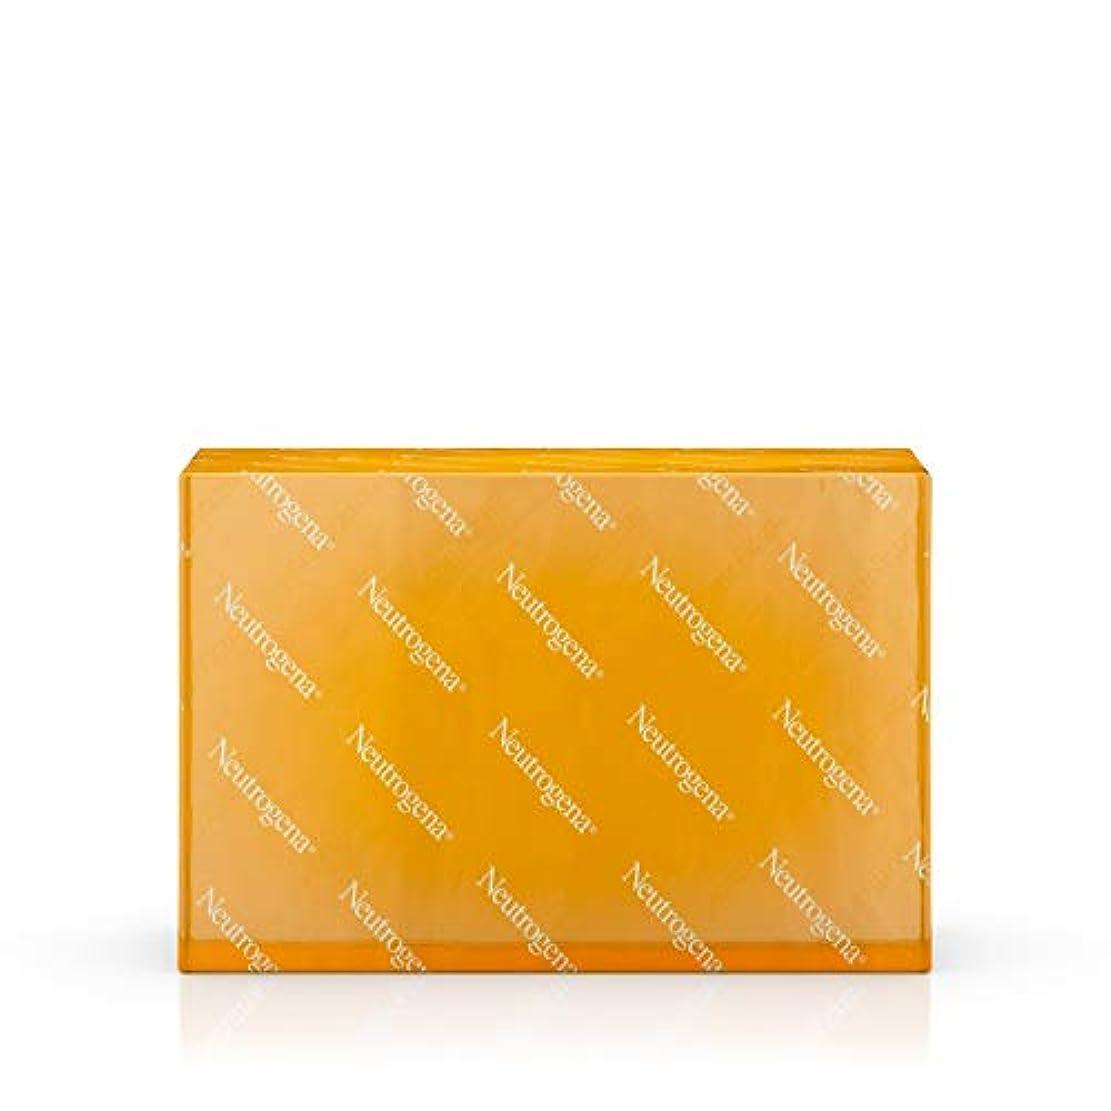 比べる緊張するラッシュNeutrogena Original Formula Transparent Facial Bar 100 ml (並行輸入品)